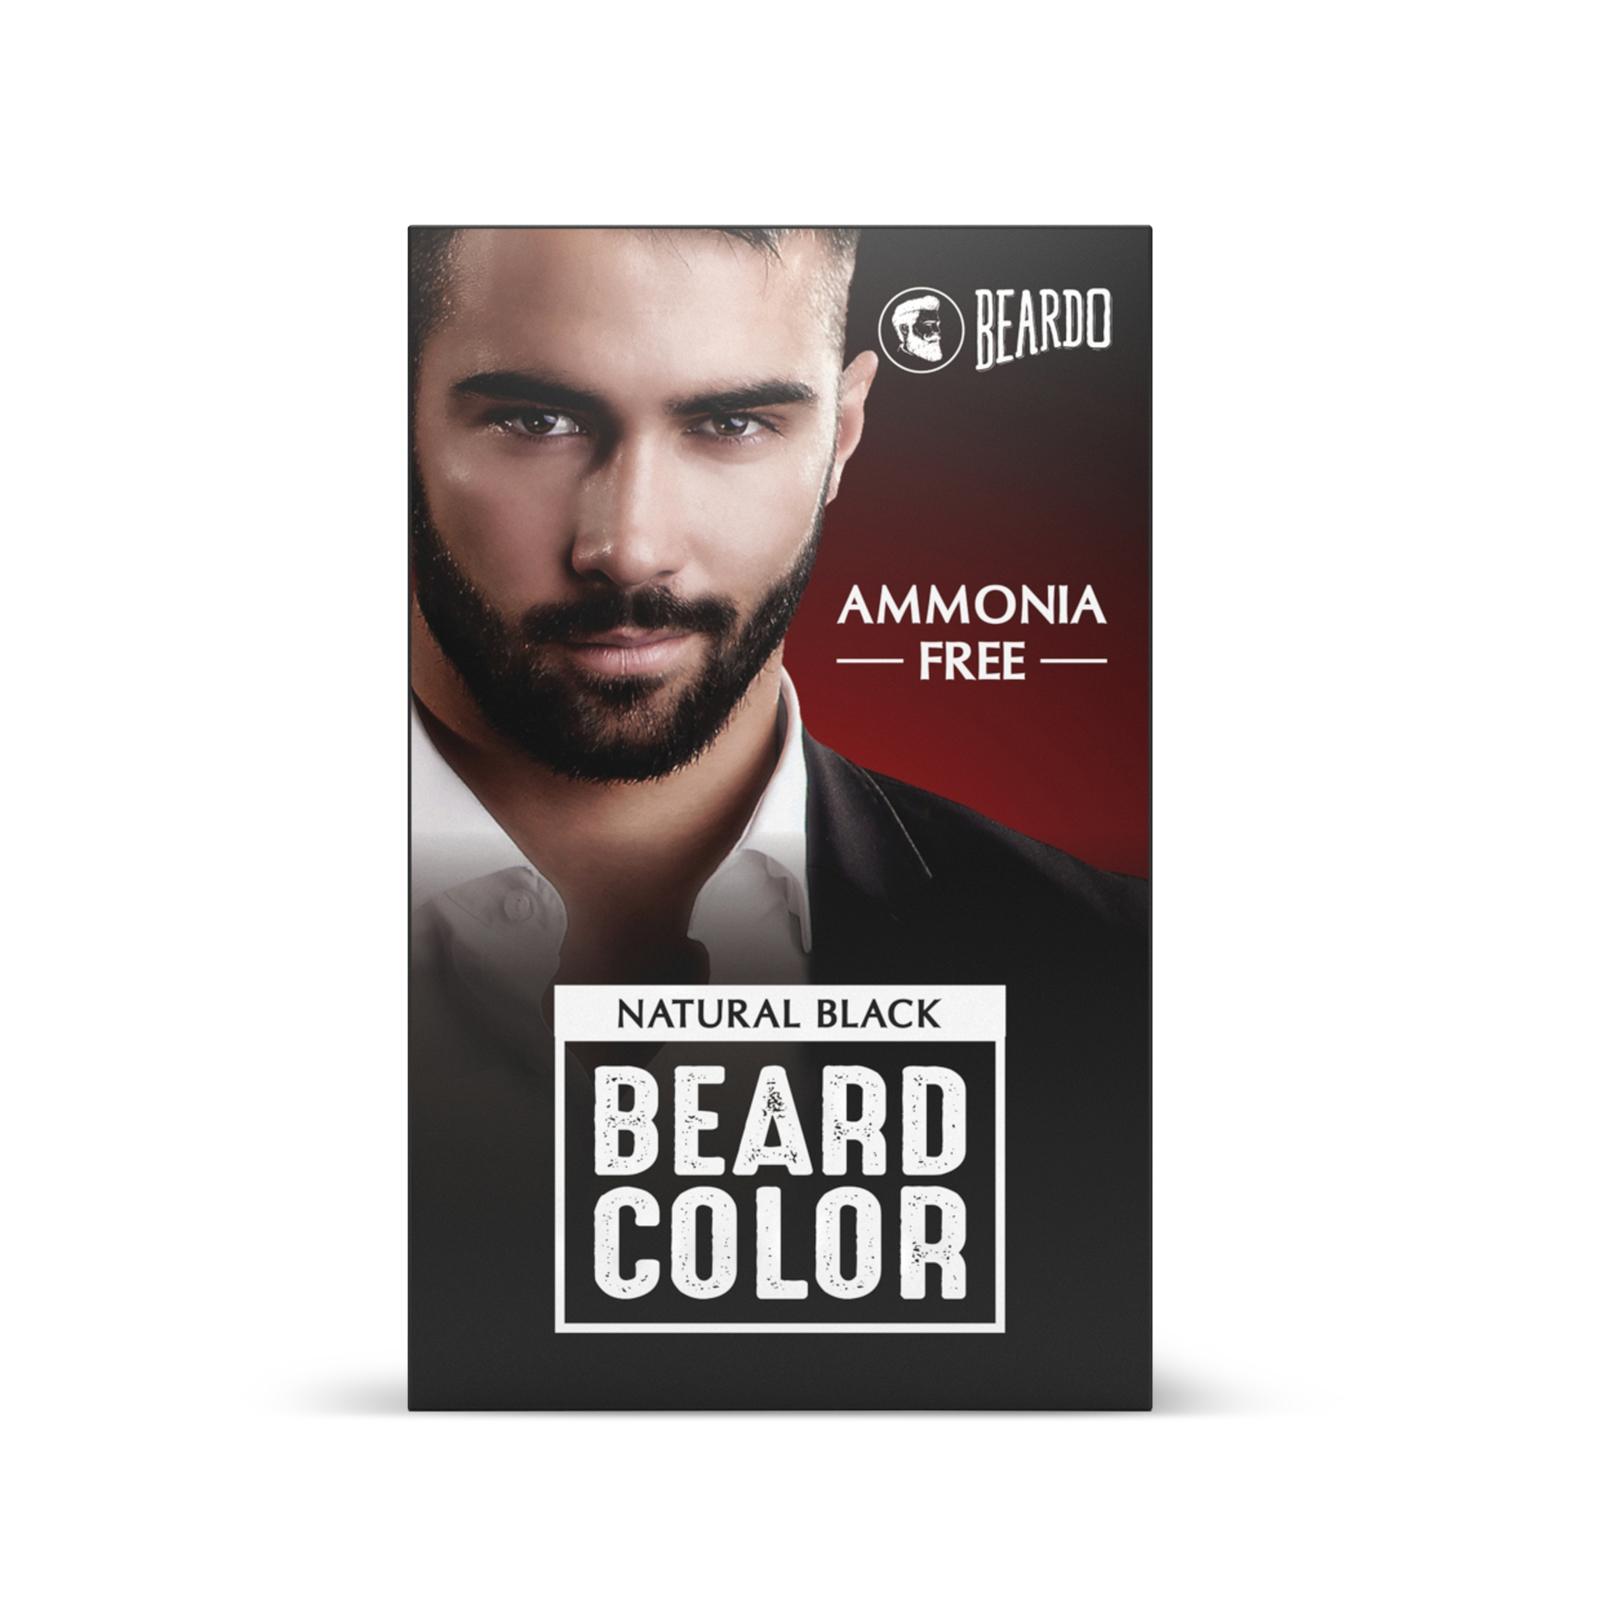 Beardo Beard Color for Men - Natural Black (60ml)